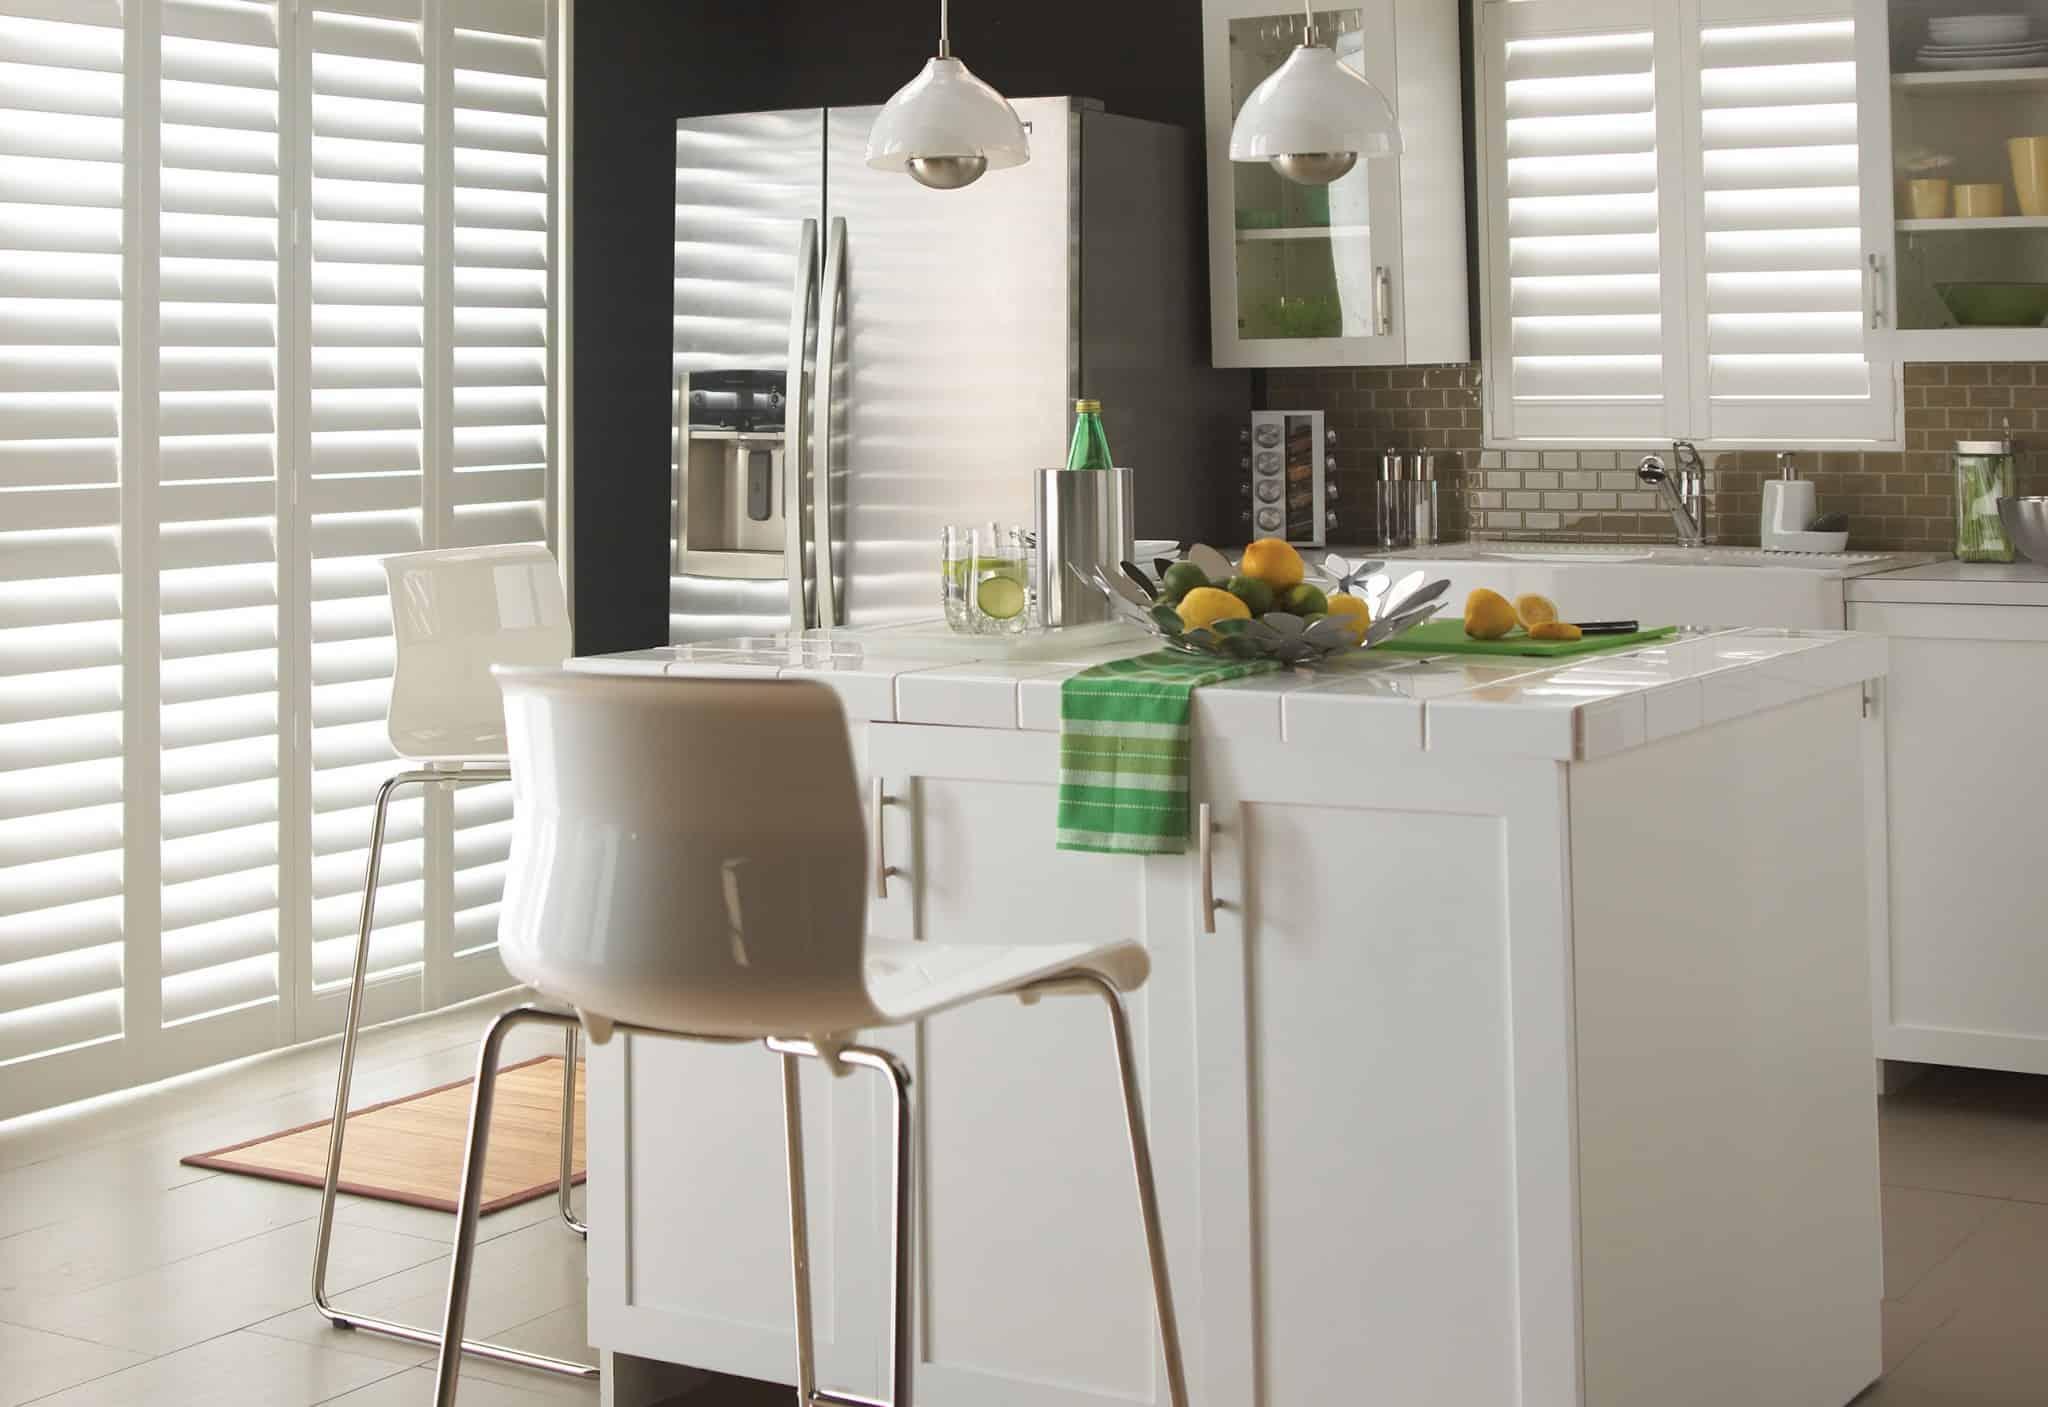 Luxaflex Faux Wood Shutter in White_kitchen_black wall